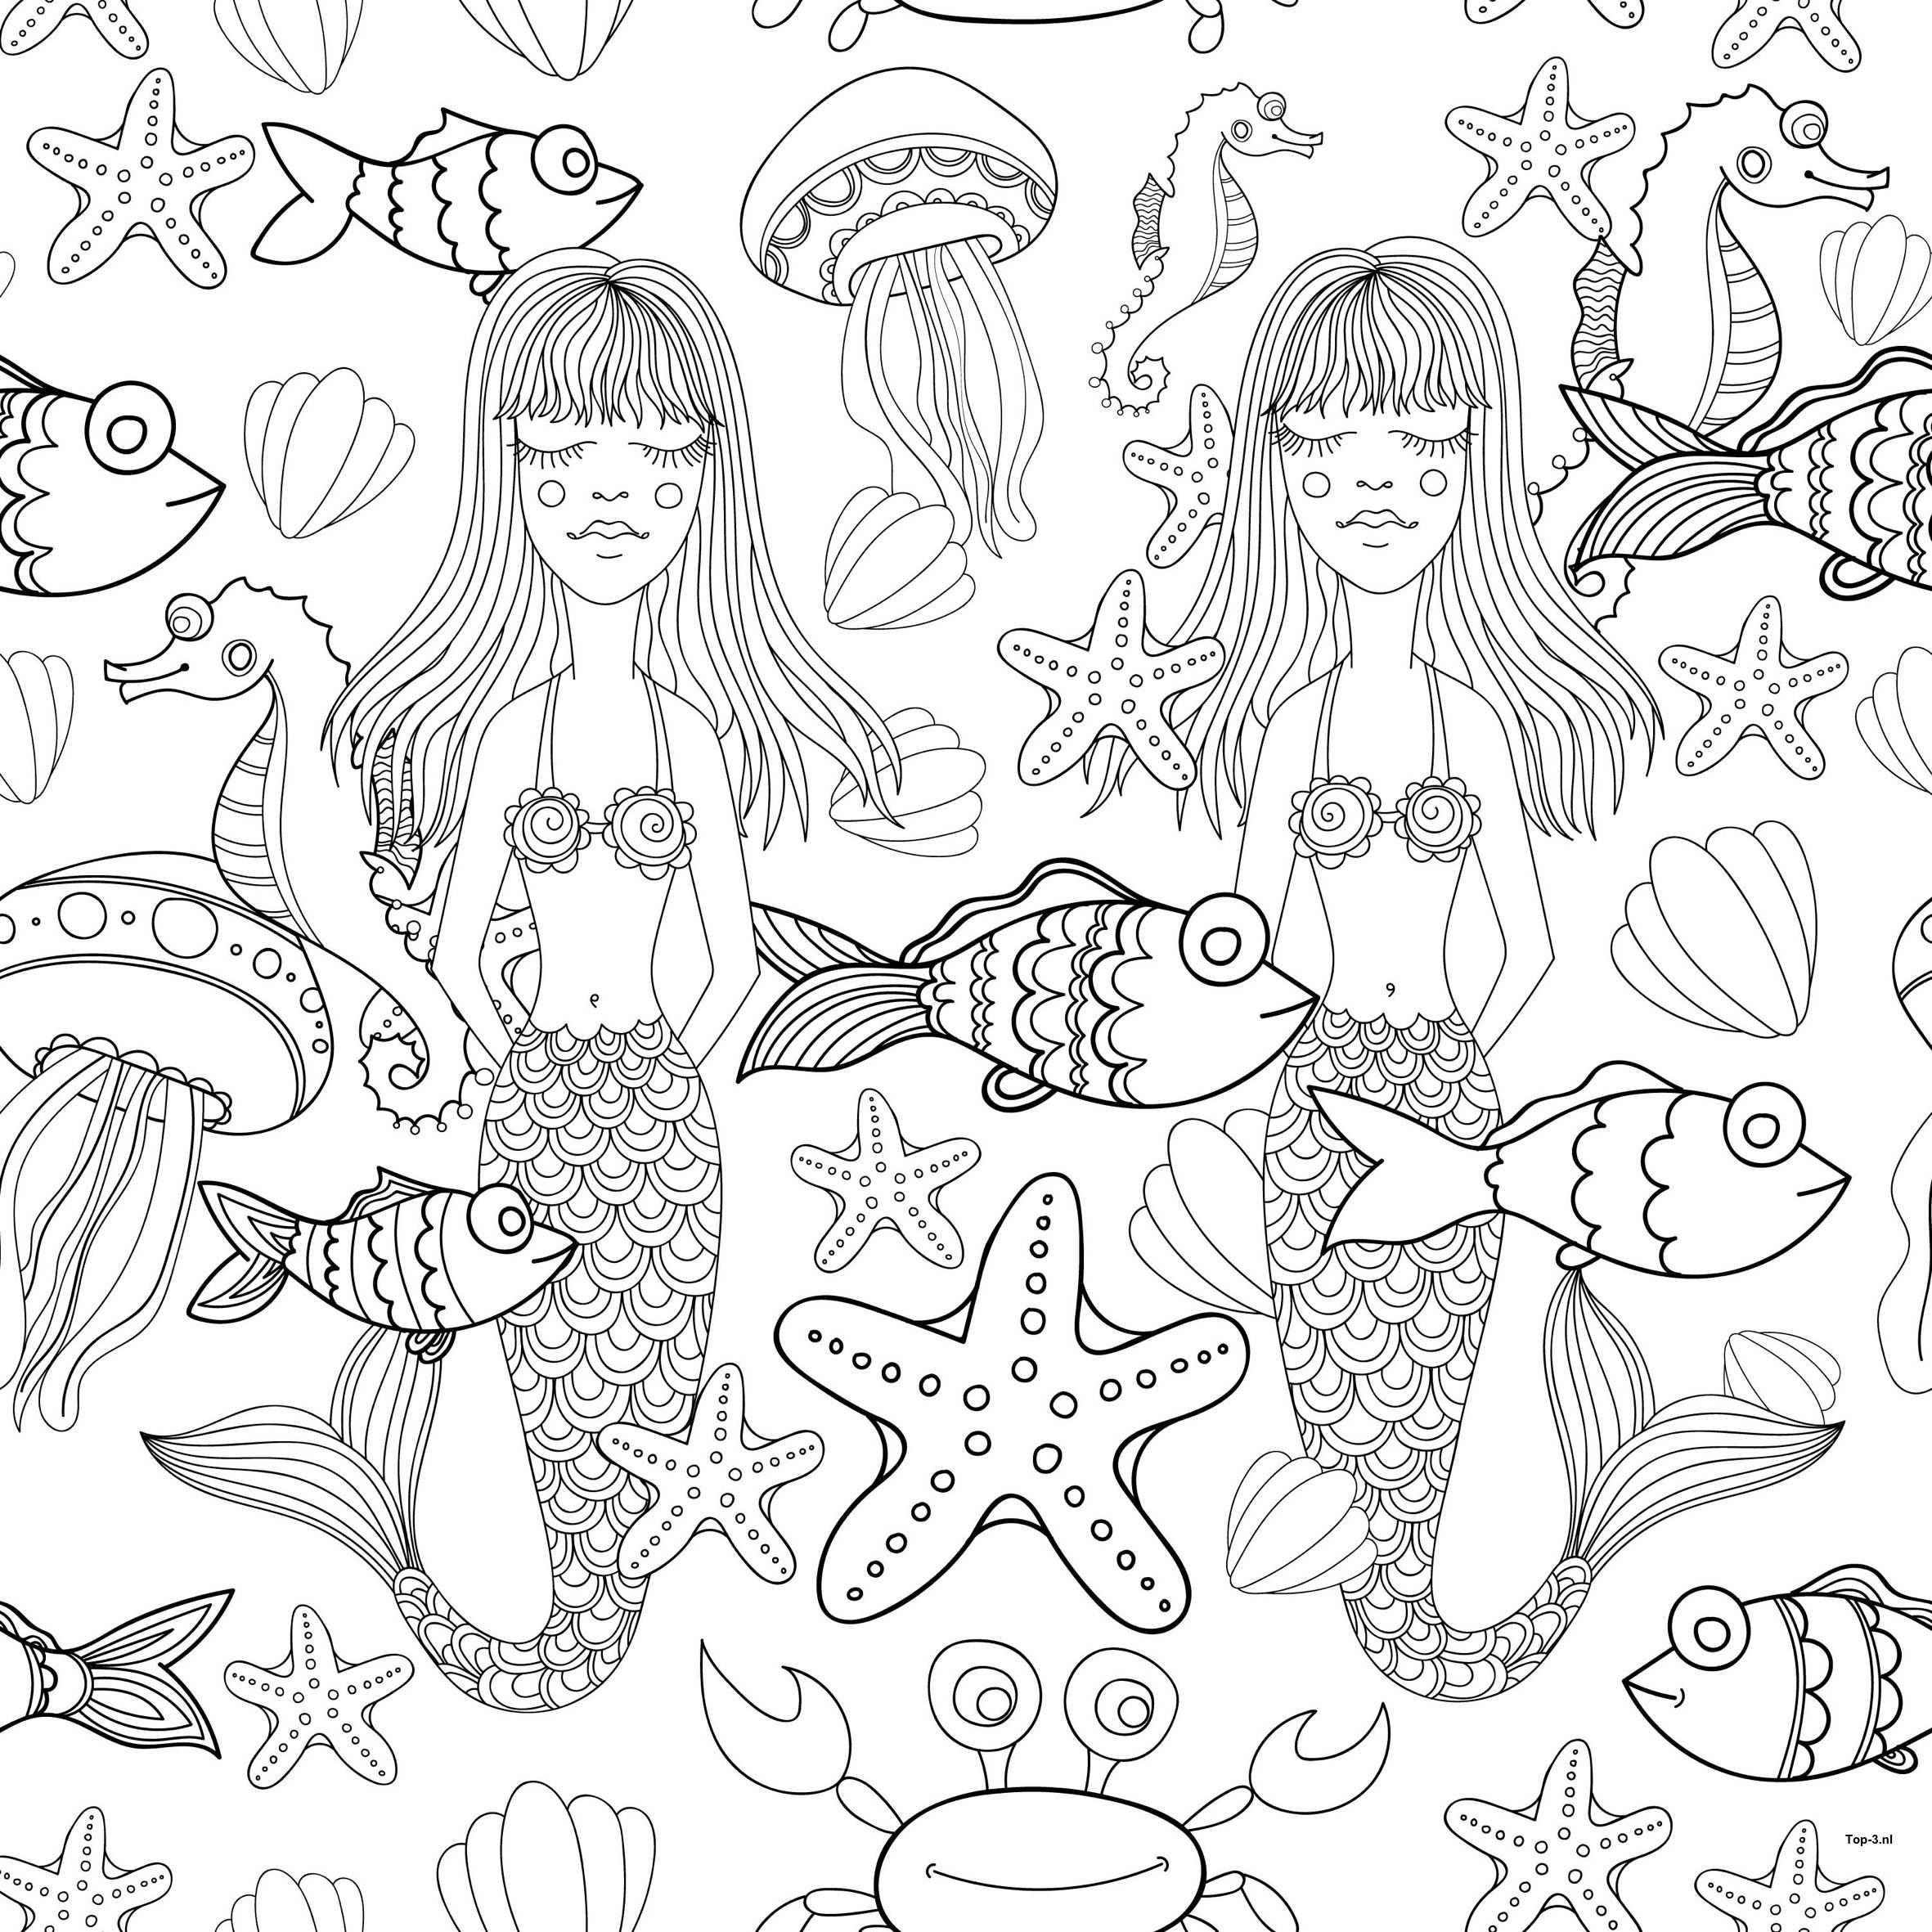 Kleurplaten Prinses Sprookjes Zeemeermin Top 3 Kado En